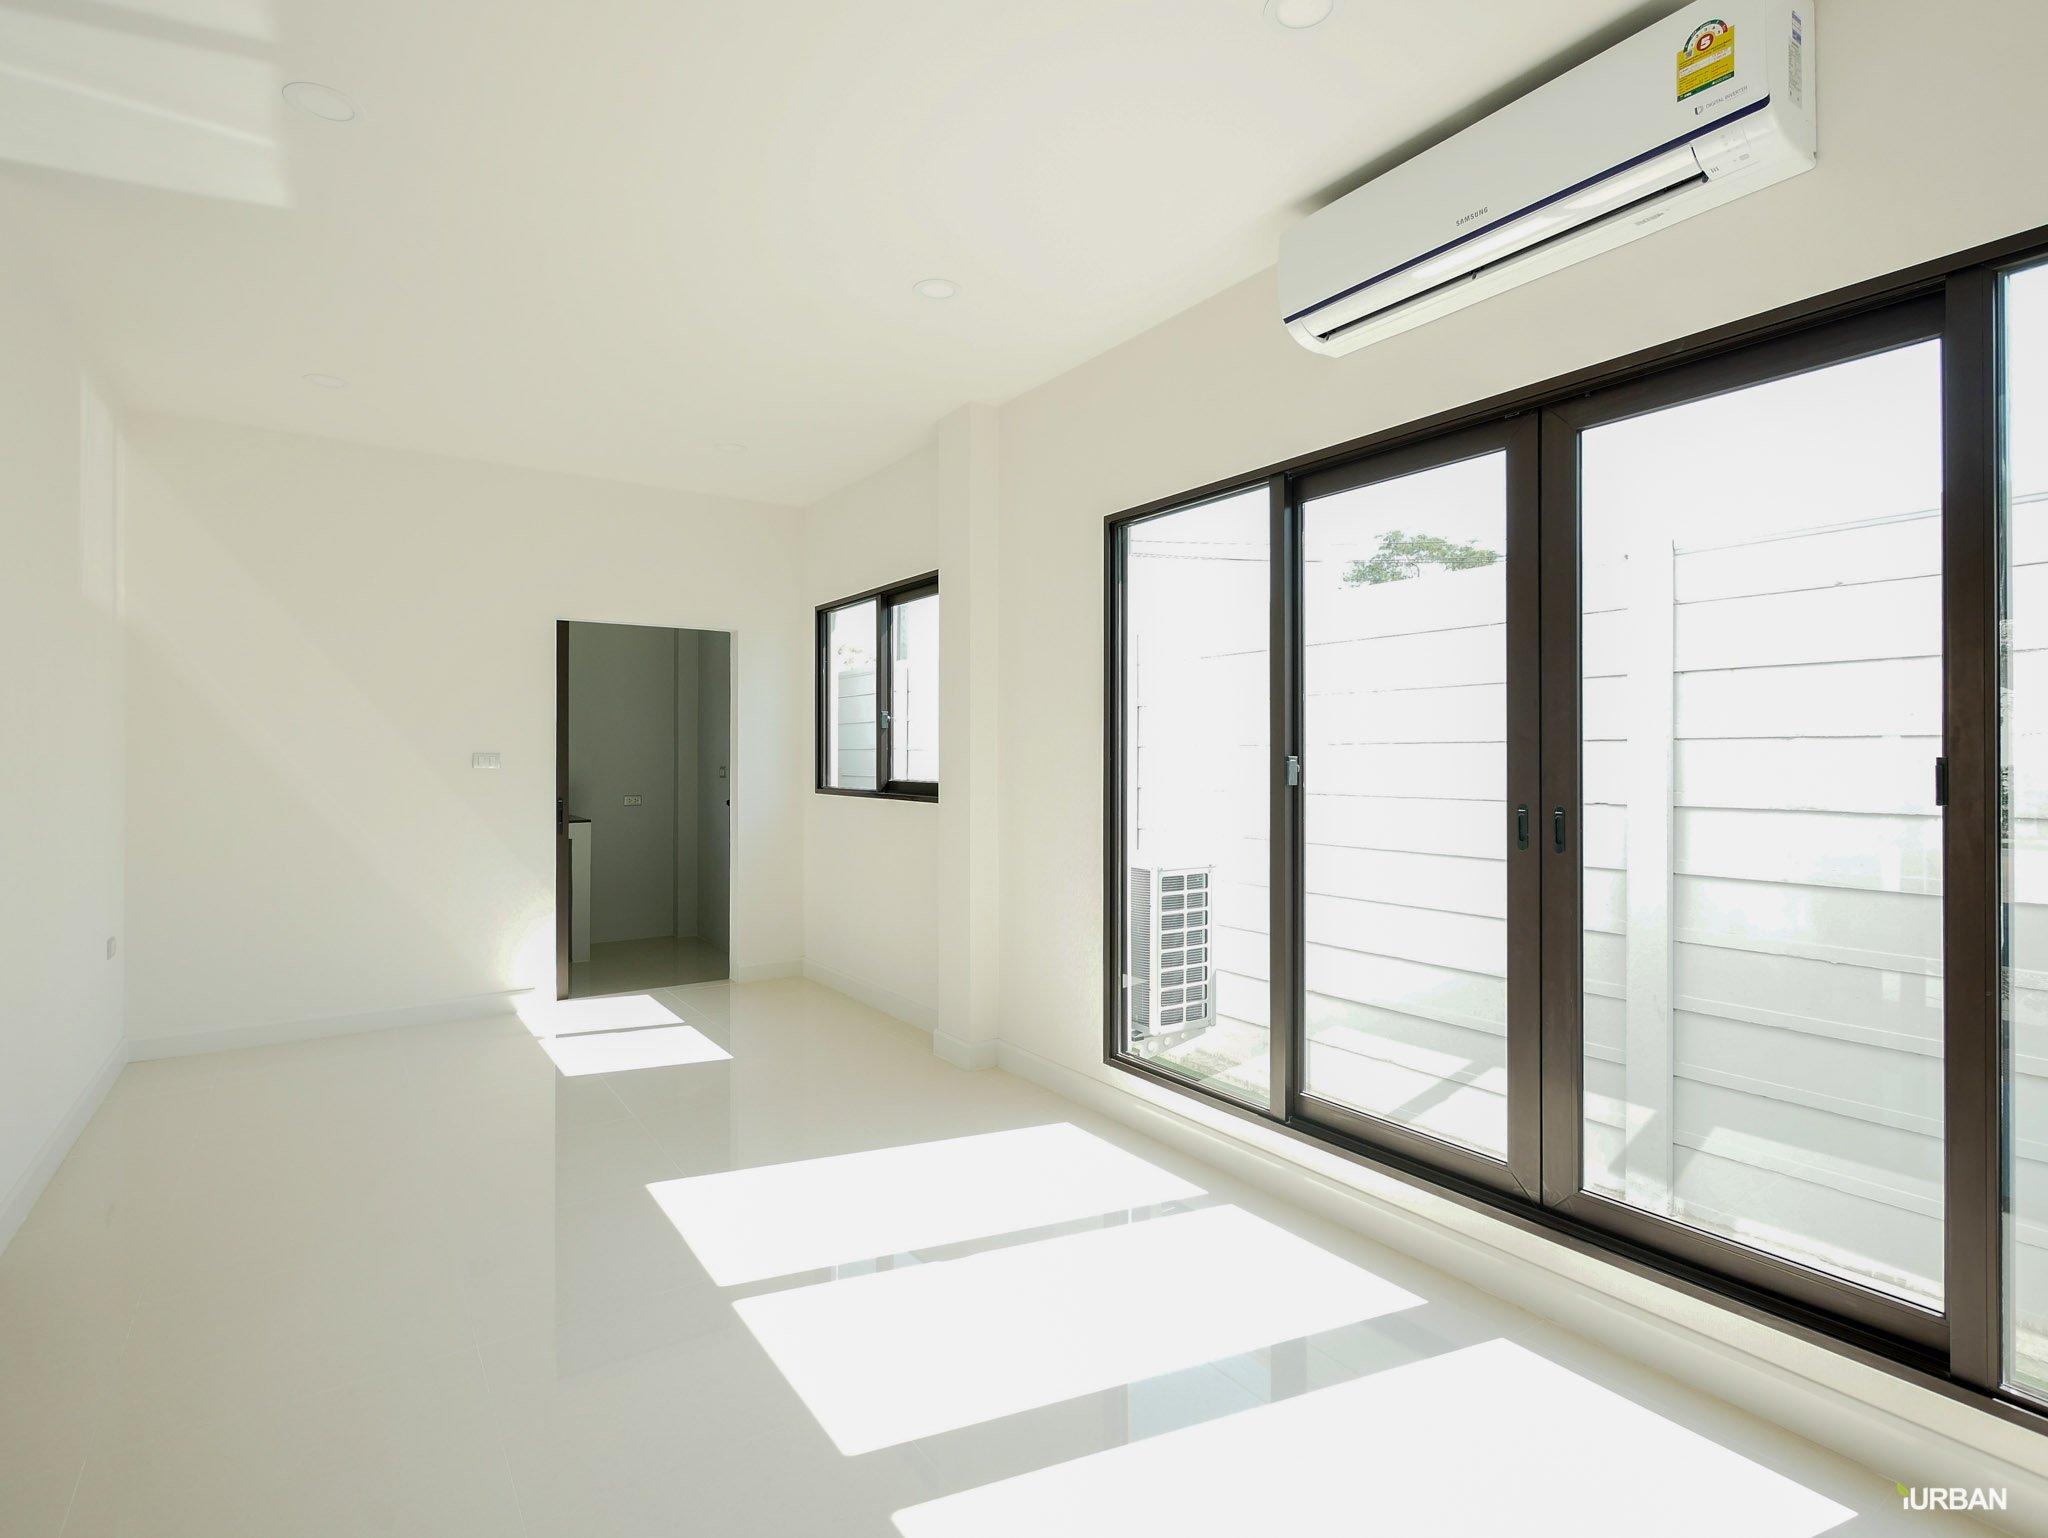 รีวิว CENTRO รามอินทรา-จตุโชติ บ้านเดี่ยวหลังใหญ่ 4 ห้องนอน บนวงแหวน ระดับคุณภาพจากเอพี 100 - AP (Thailand) - เอพี (ไทยแลนด์)